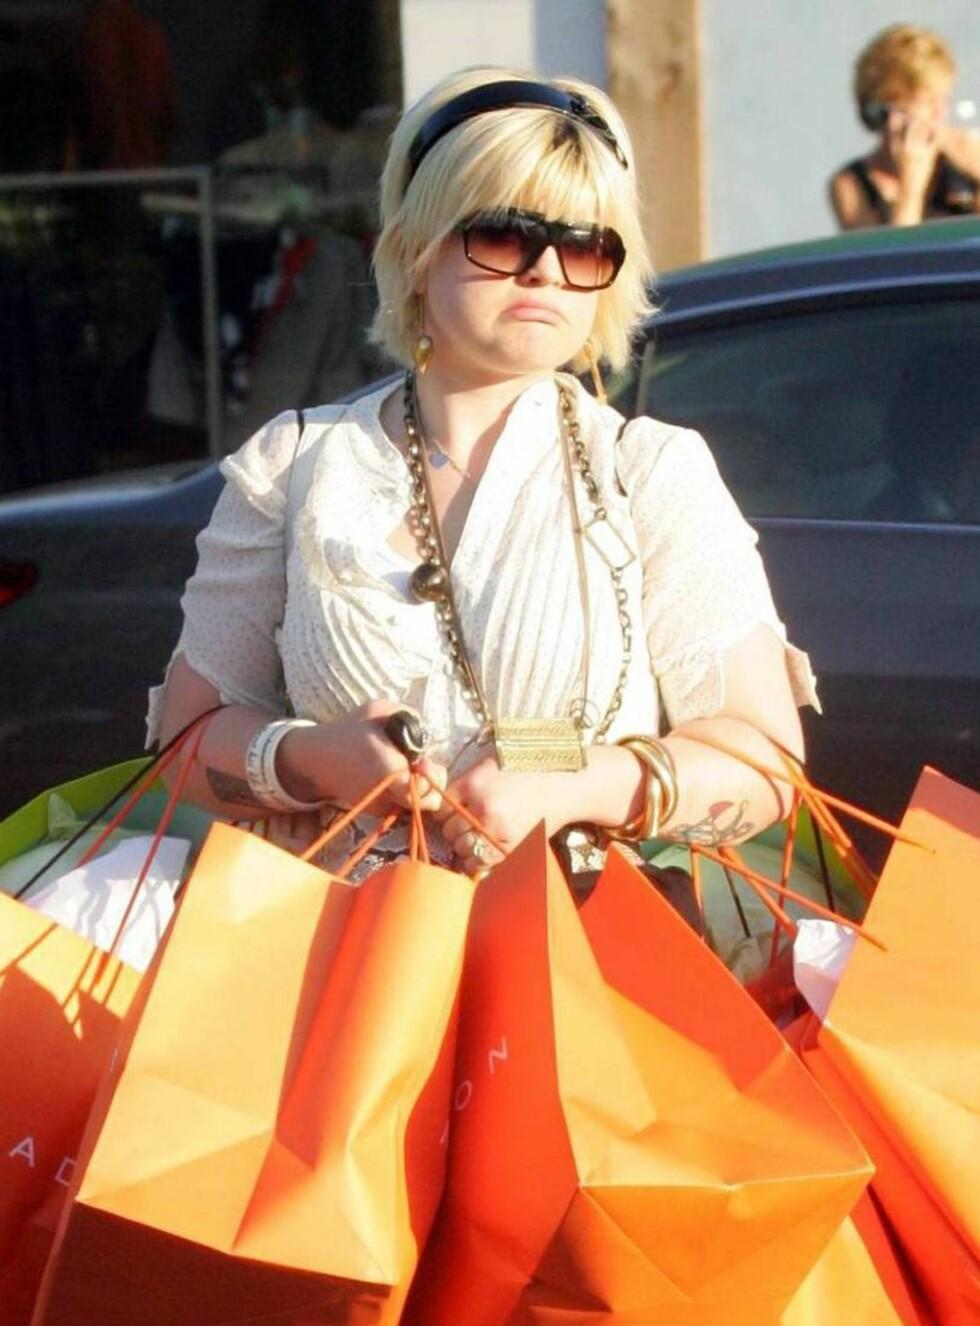 HENGER MED GEIPEN: De fleste jenter blir glade av shopping. Kelly Osbourne er ikke som andre jenter... Foto: All Over Press